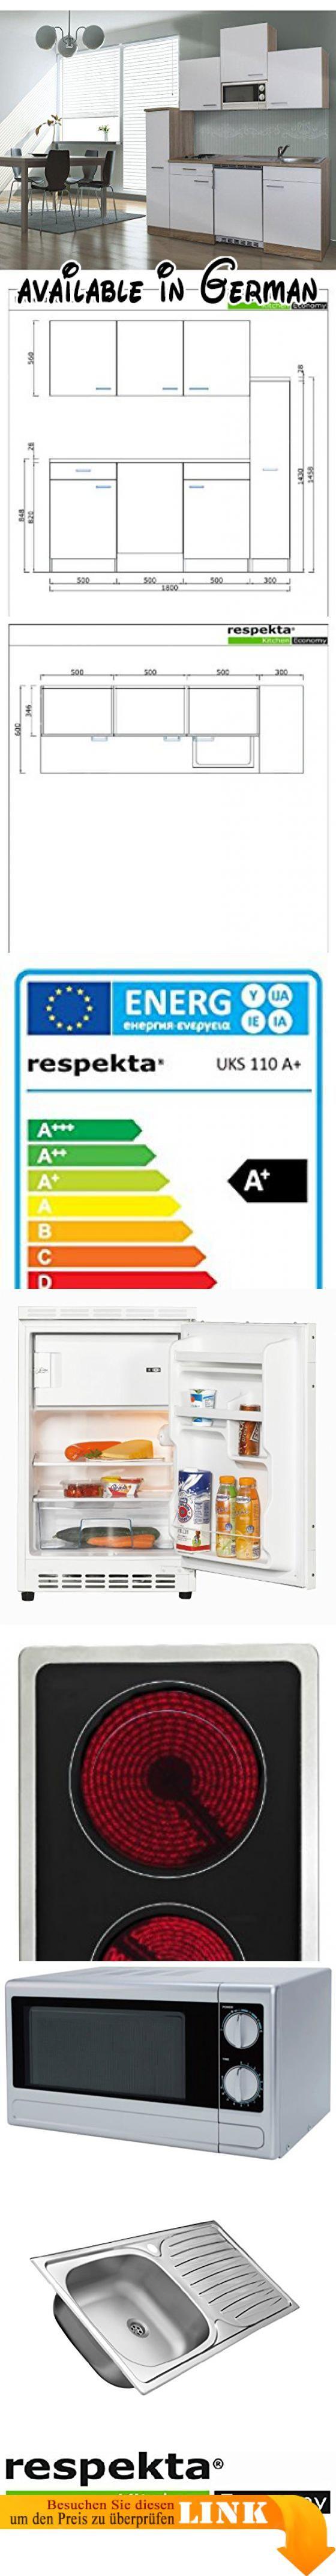 Küchenschränke um kühlschrank bevzkrrq  respekta single küche küchenzeile küchenblock  cm